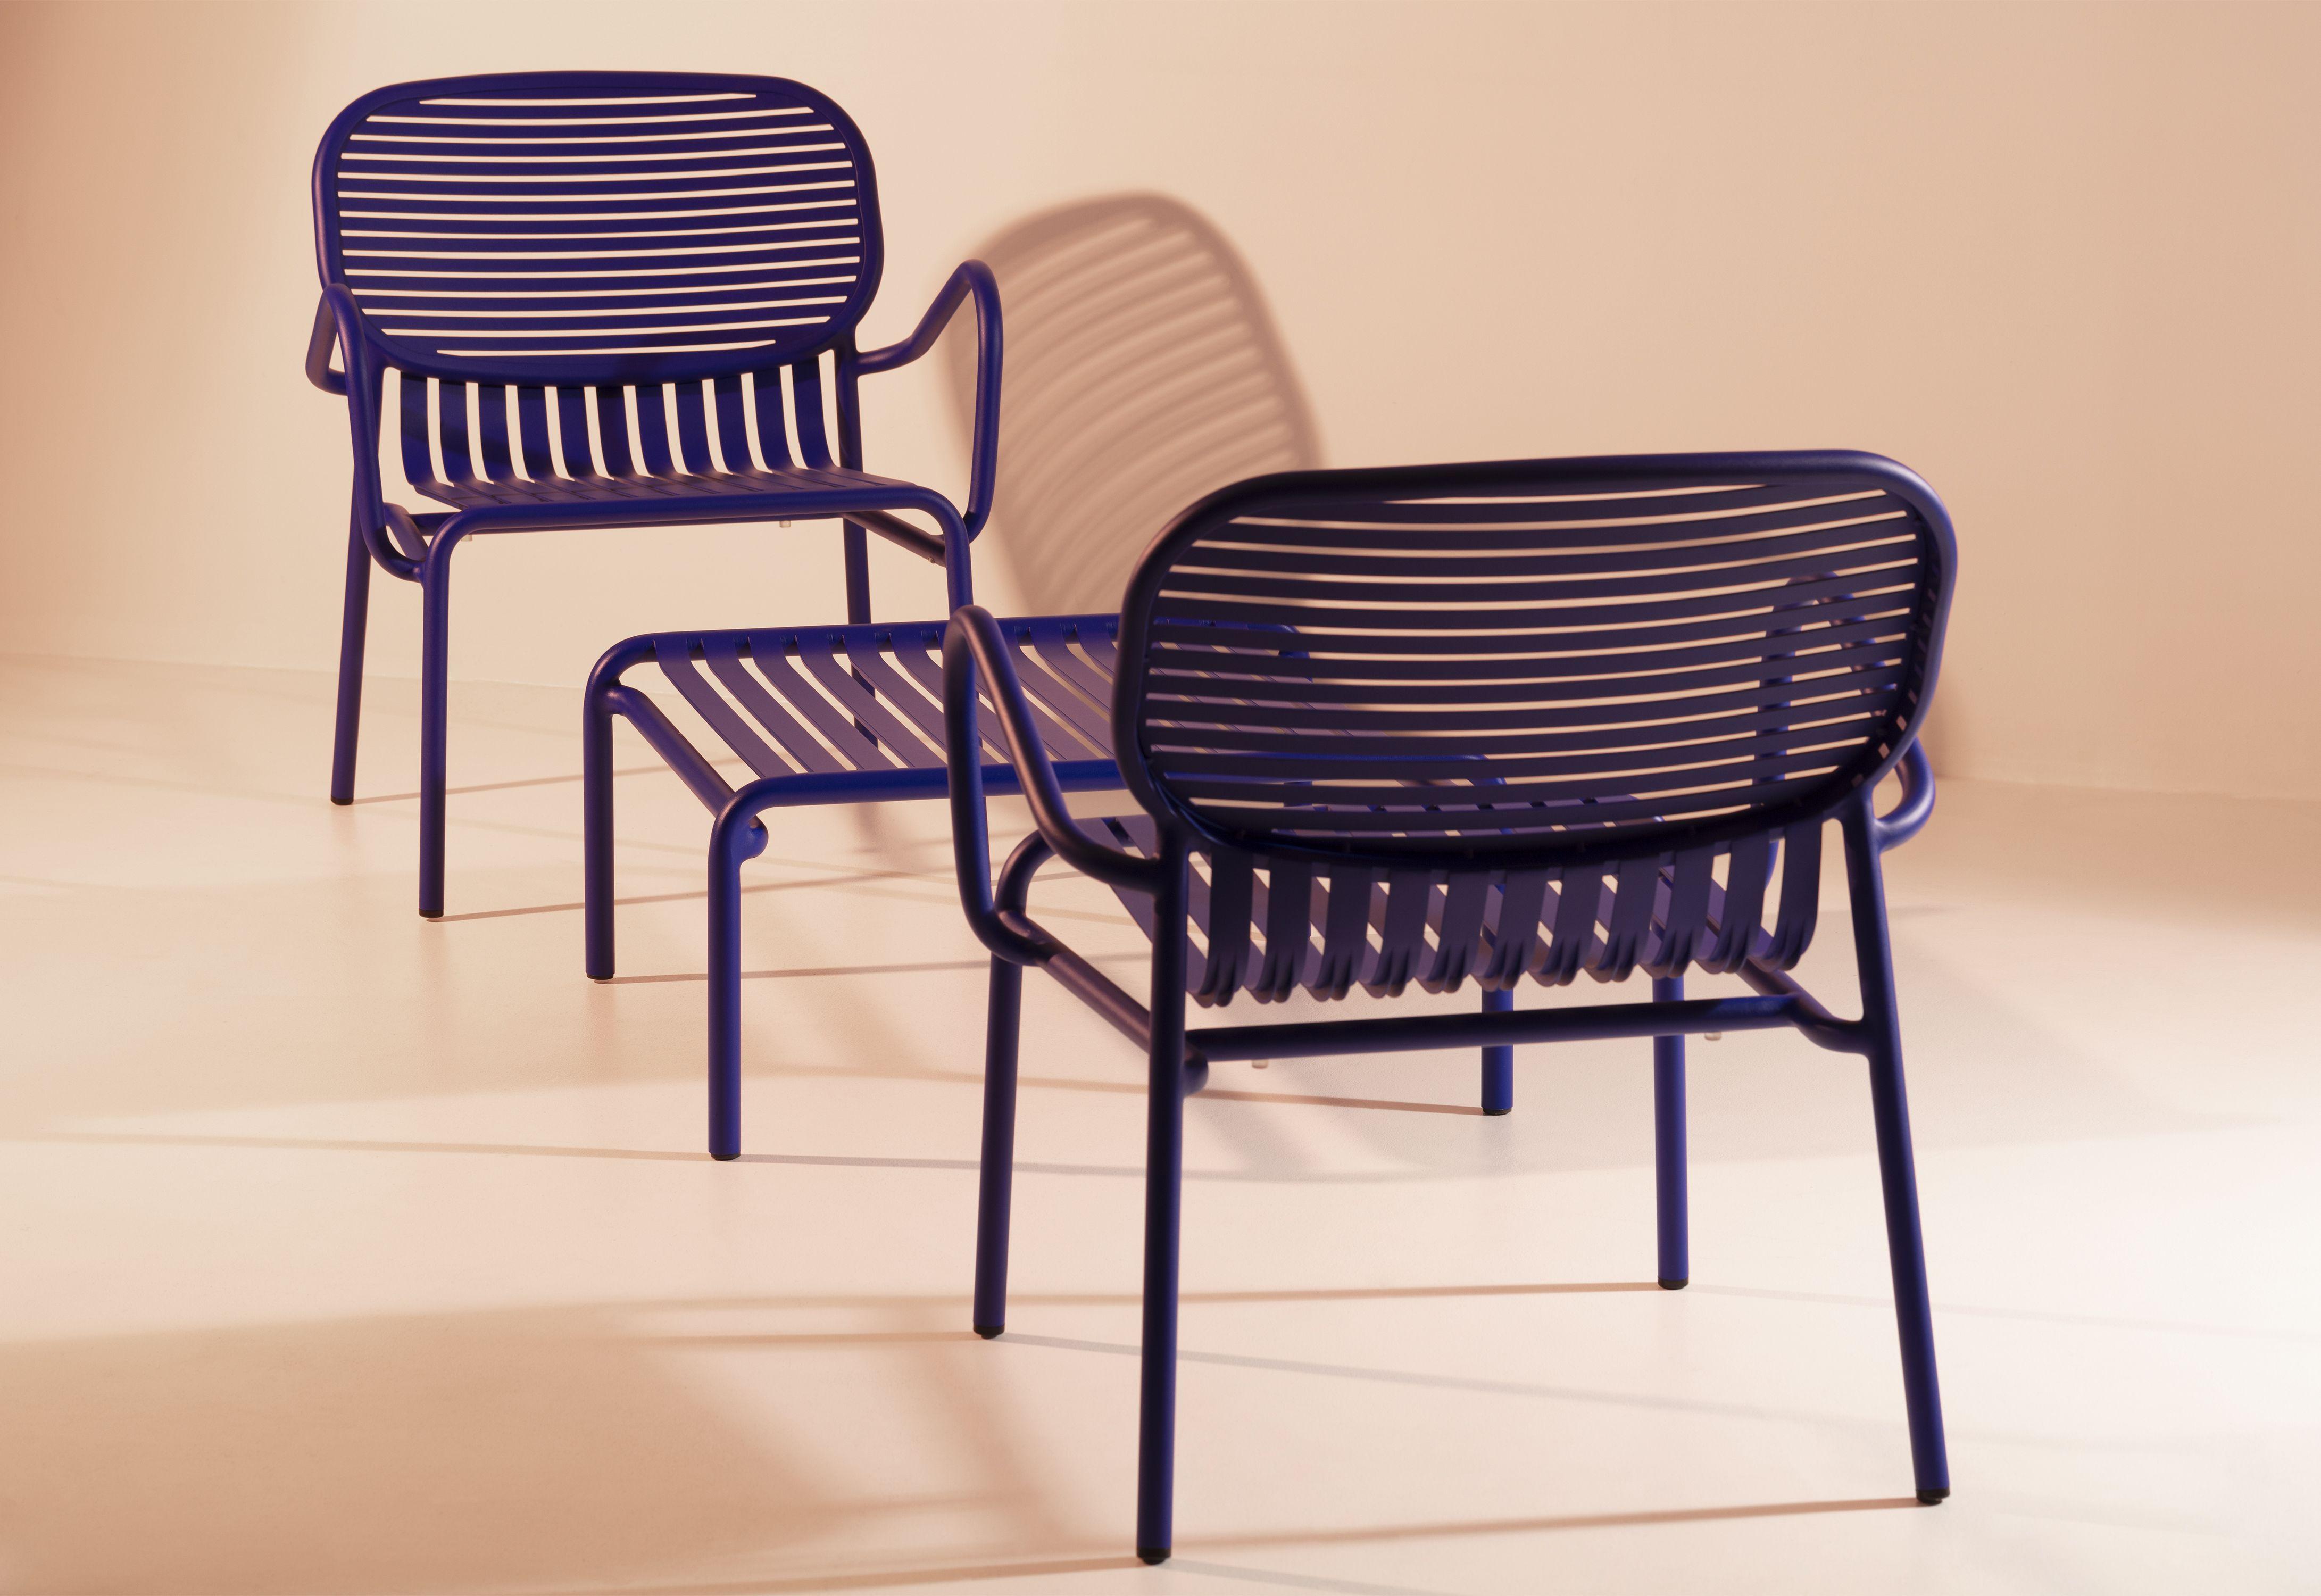 Garden Armchair | Mobilier de jardin design - Design outdoor ...